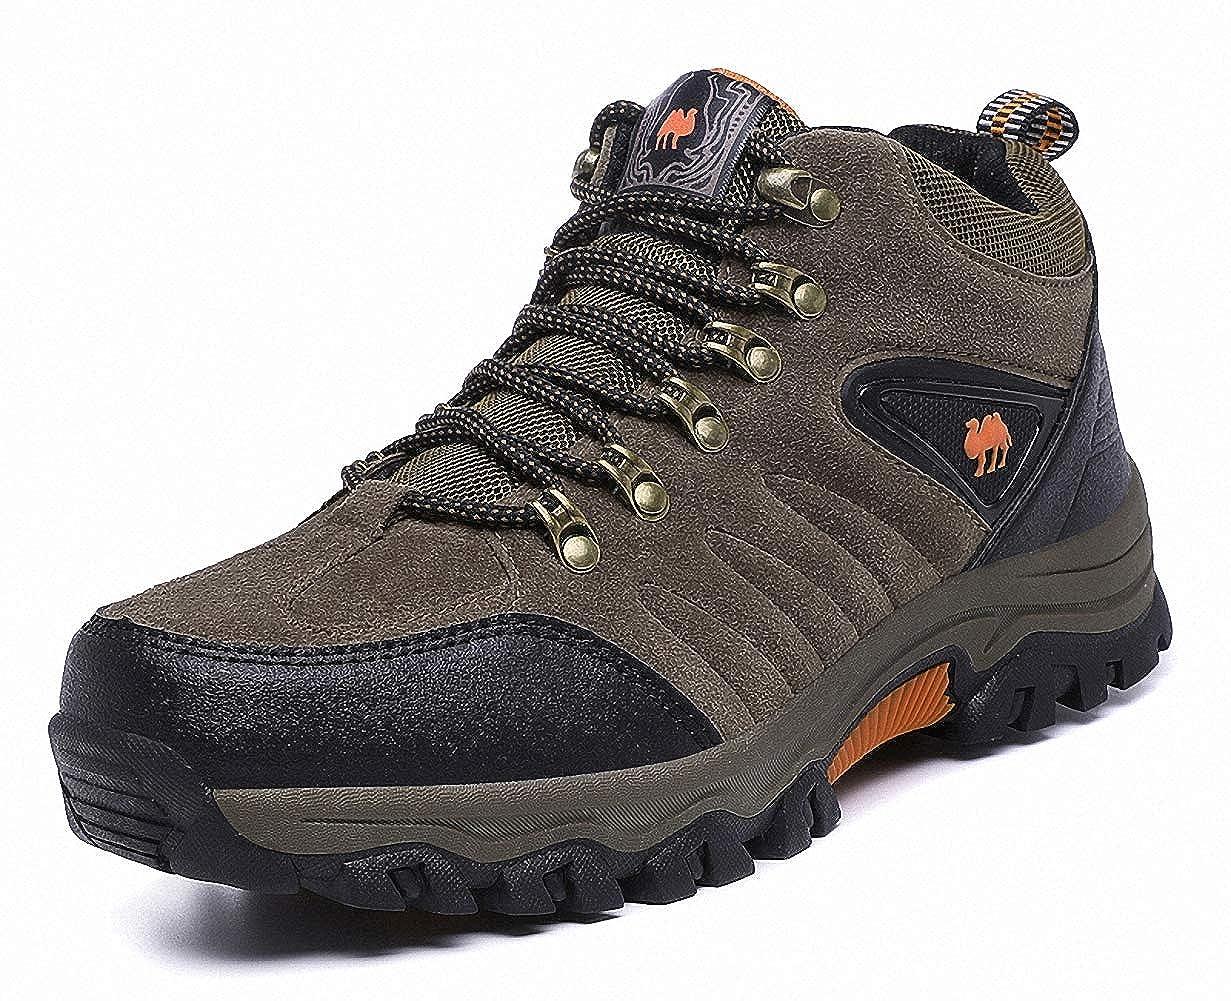 Brown 7 D(M) US = 9 5 8 (heel to toe 24.5cm) ZHENZHONG Men's Warm Faux Fur Hiking Boots Mountain Trekking Outdoor shoes